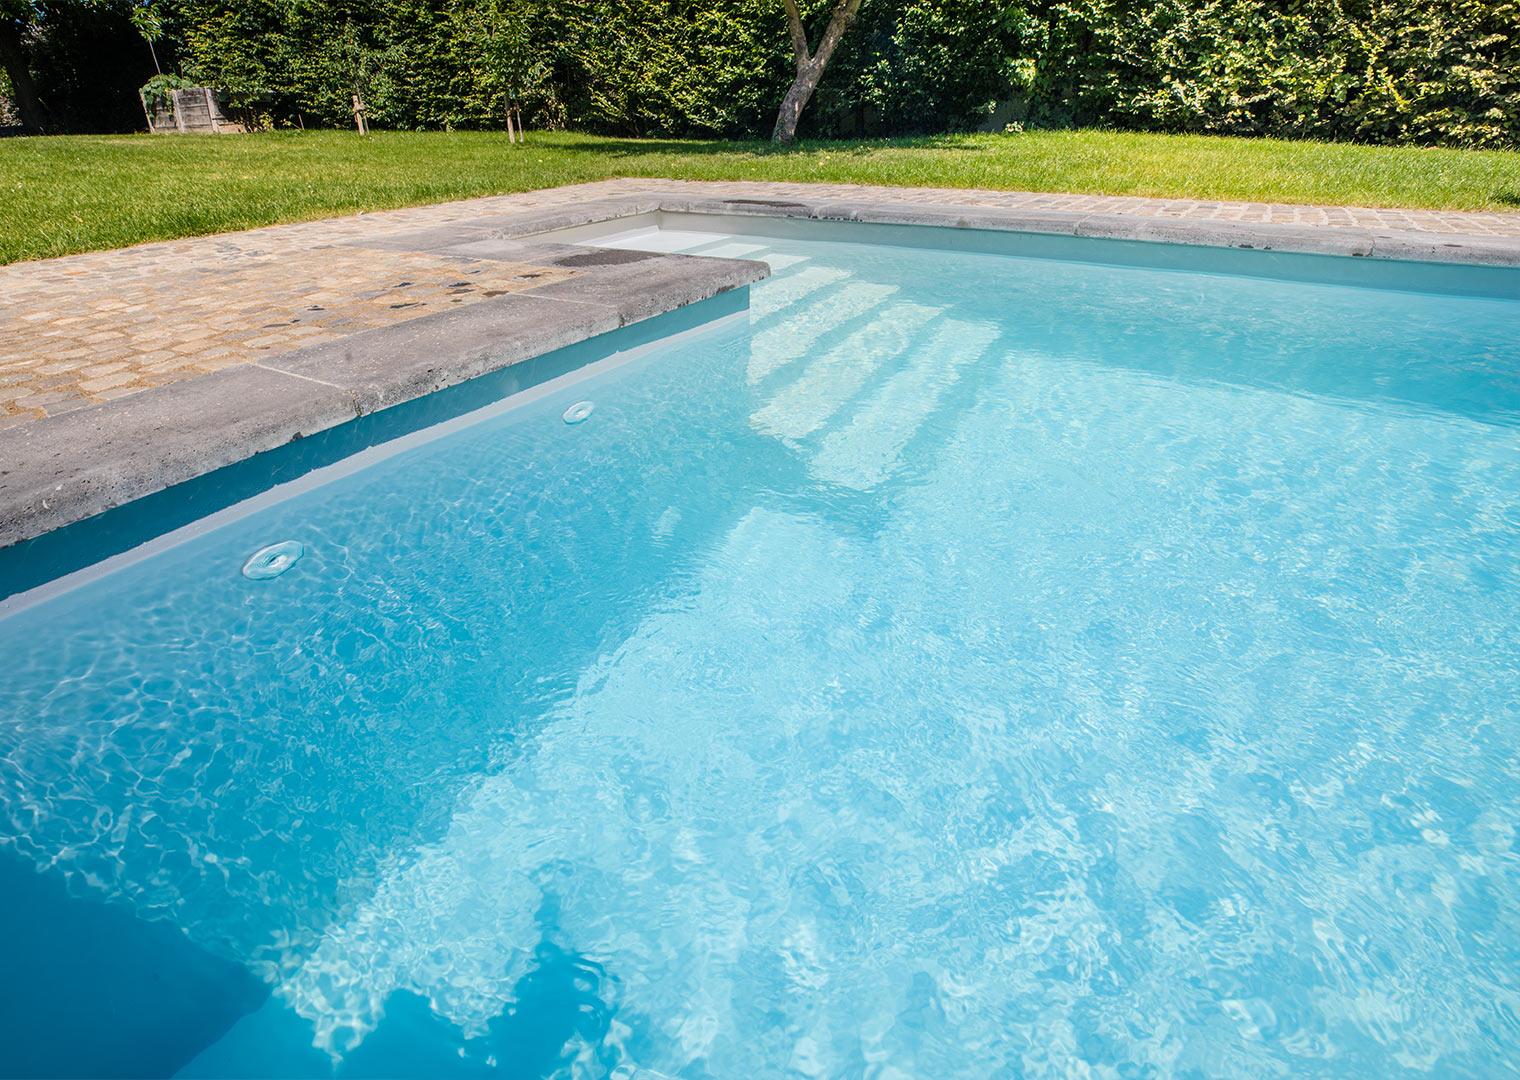 Link zur Bilddatei: roosen_galabau_landschaftsbau_viersen_referenzen_swimmingpool_galerielbild_03